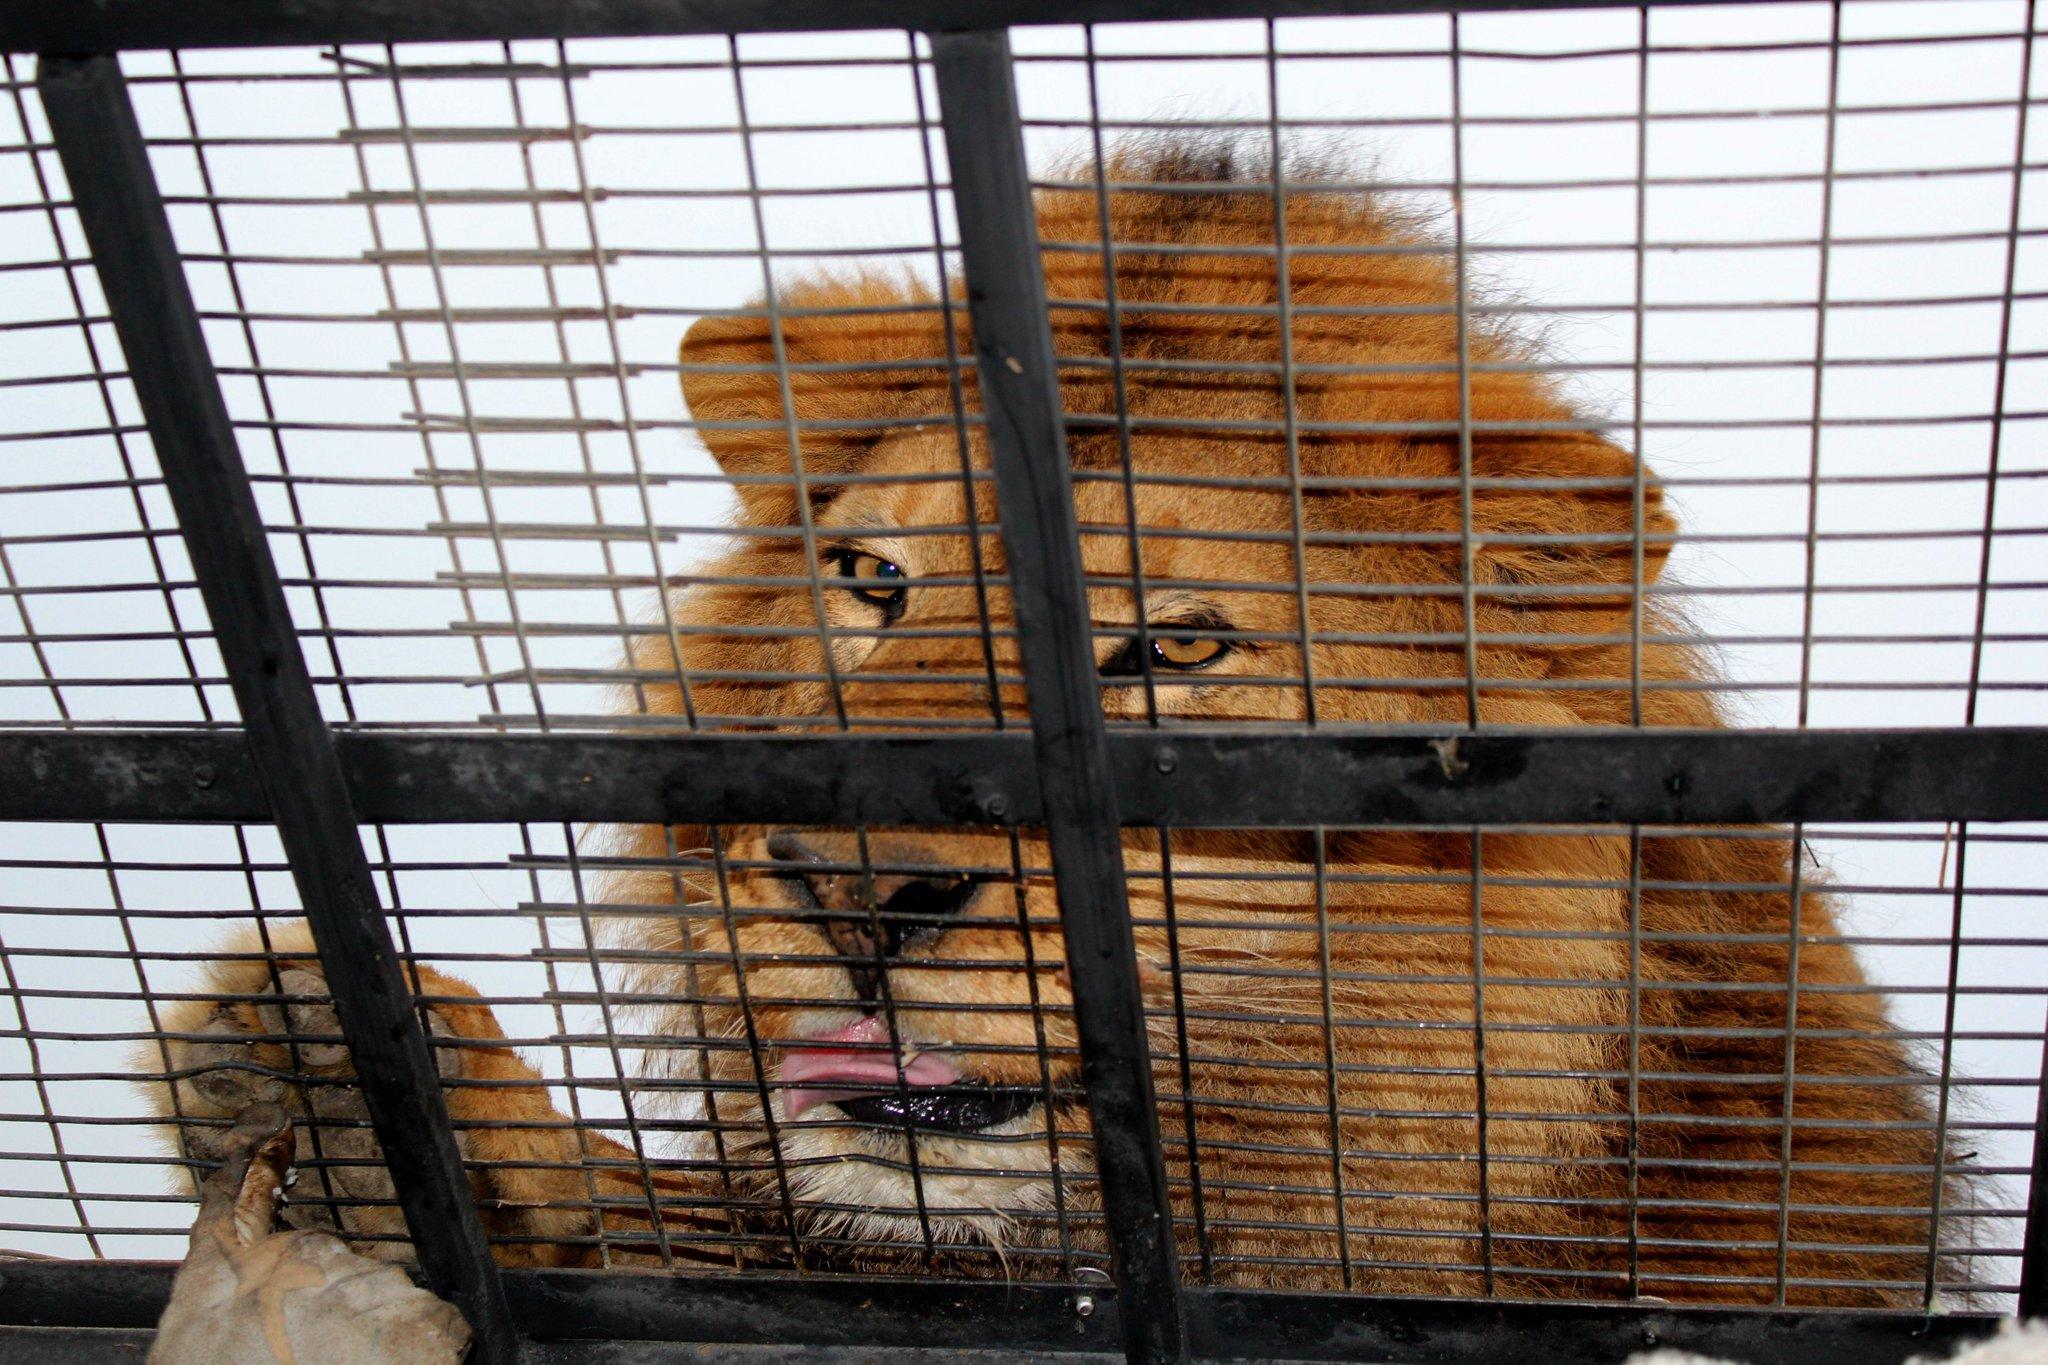 Rancagua chile safari download - photo#42